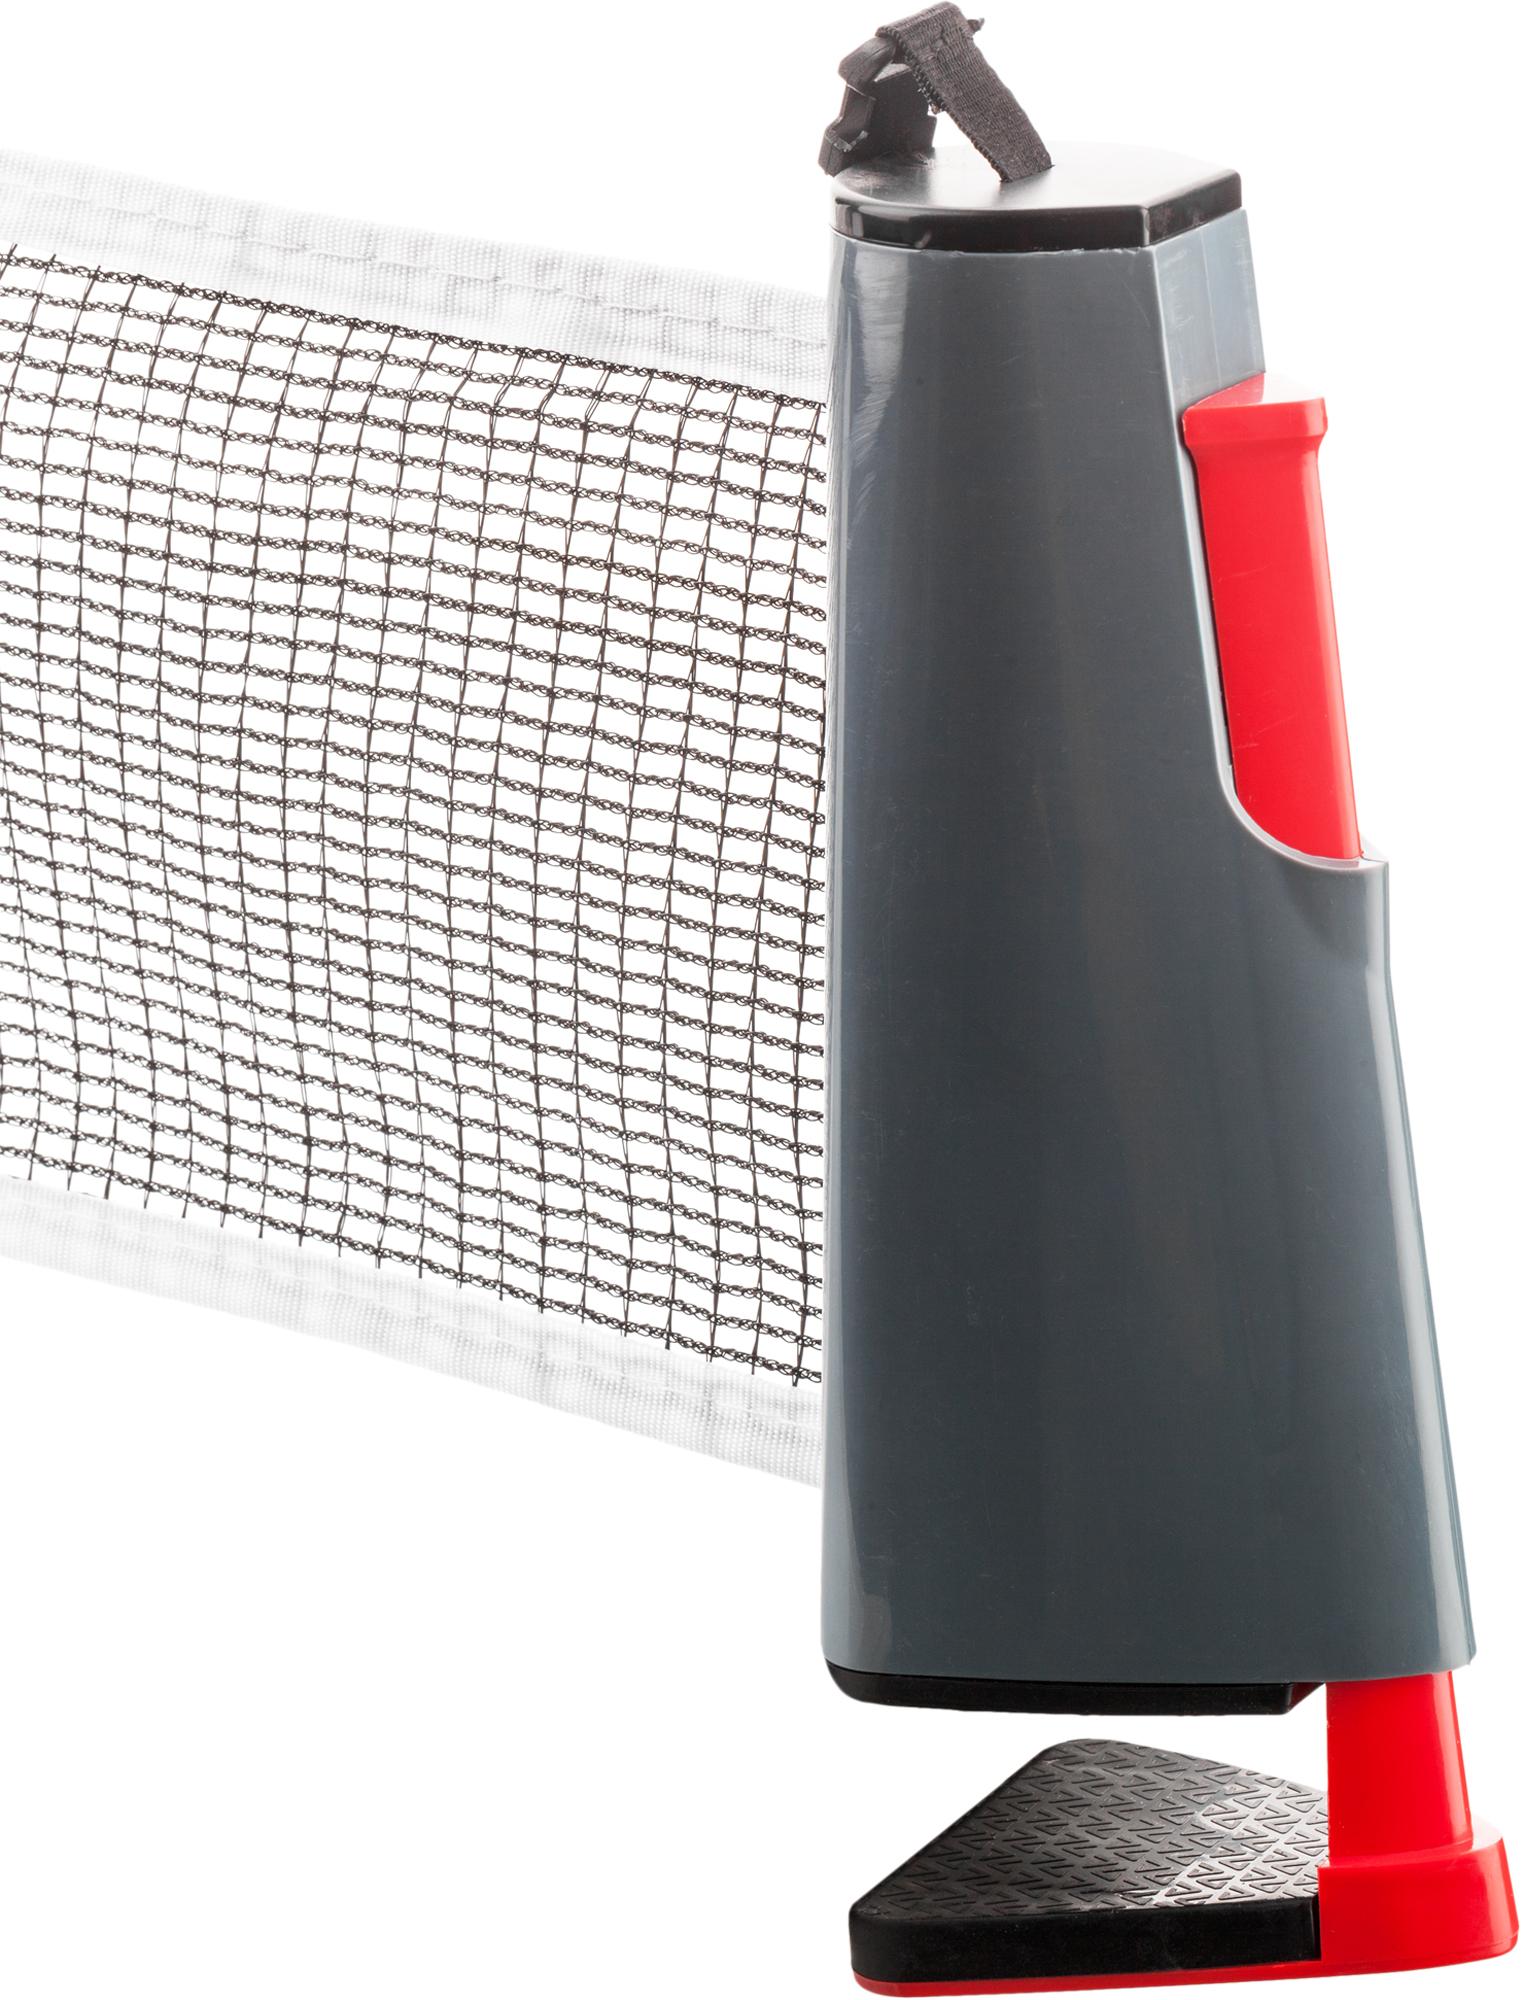 Torneo Сетка для настольного тенниса Torneo спортивный инвентарь next сетка для настольного тенниса t0013pe